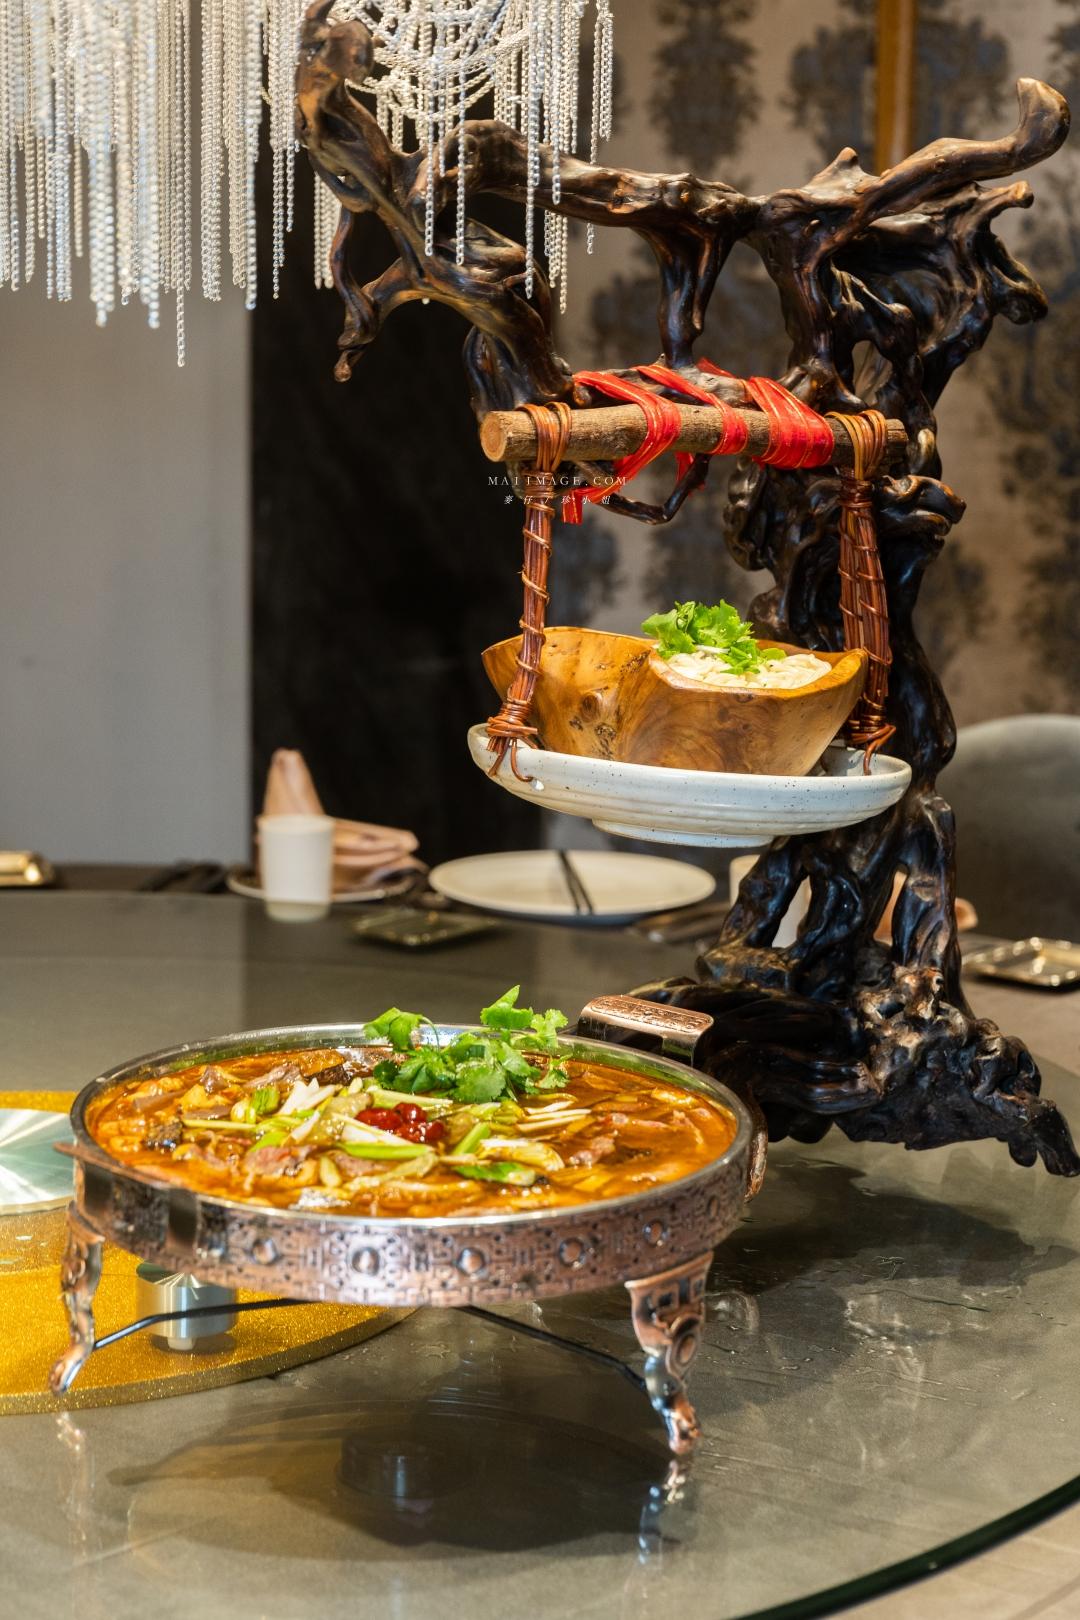 台北聚餐餐廳|東方富御精緻料理~今年母親節就訂這吧,台北擺盤最浮誇的精緻料理,台北大安區中式餐廳、母親節聚餐推薦